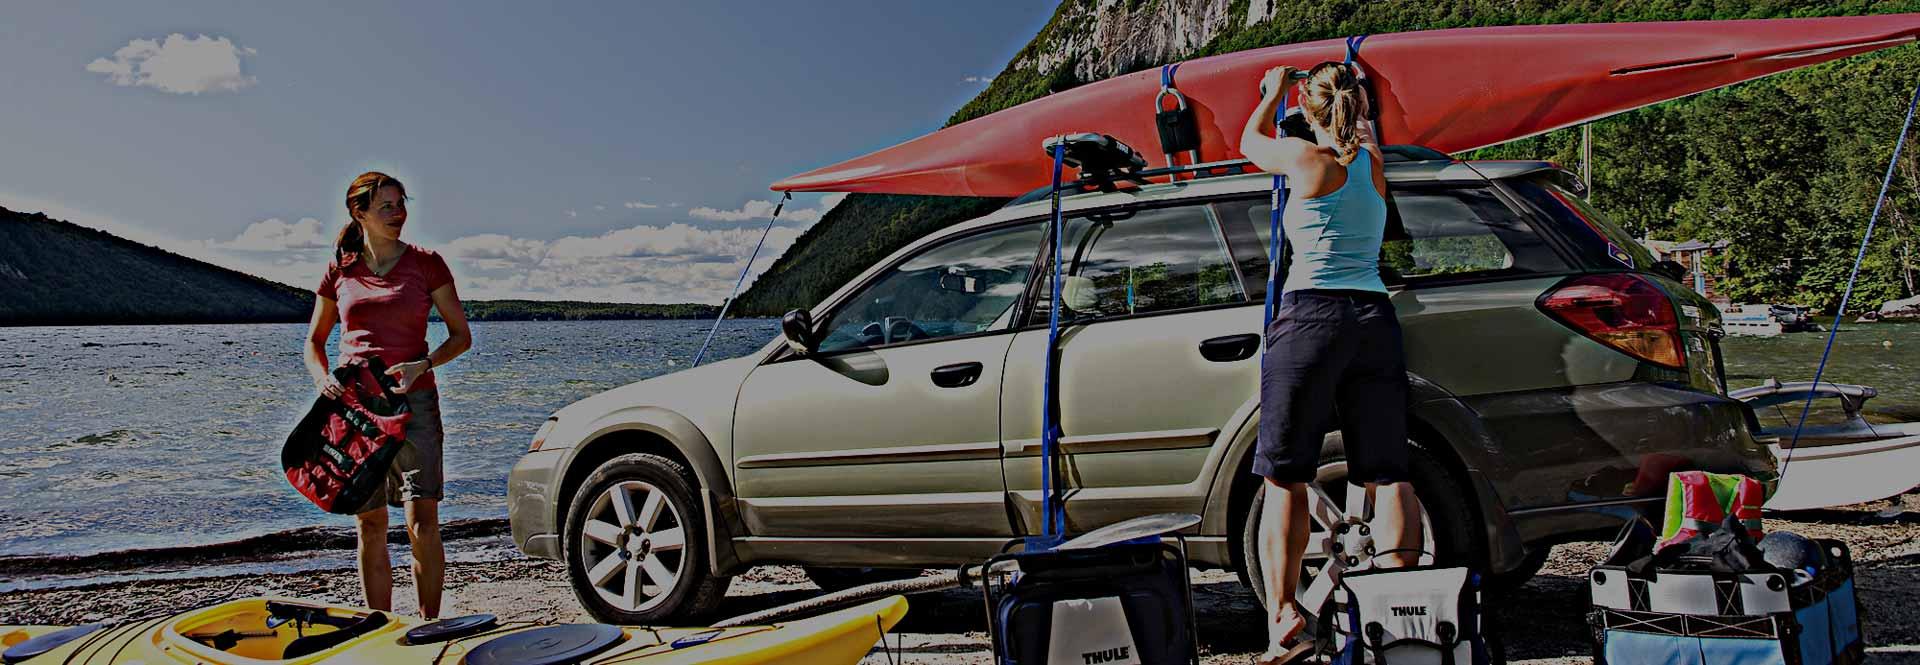 Nosiče lodí a paddleboardů